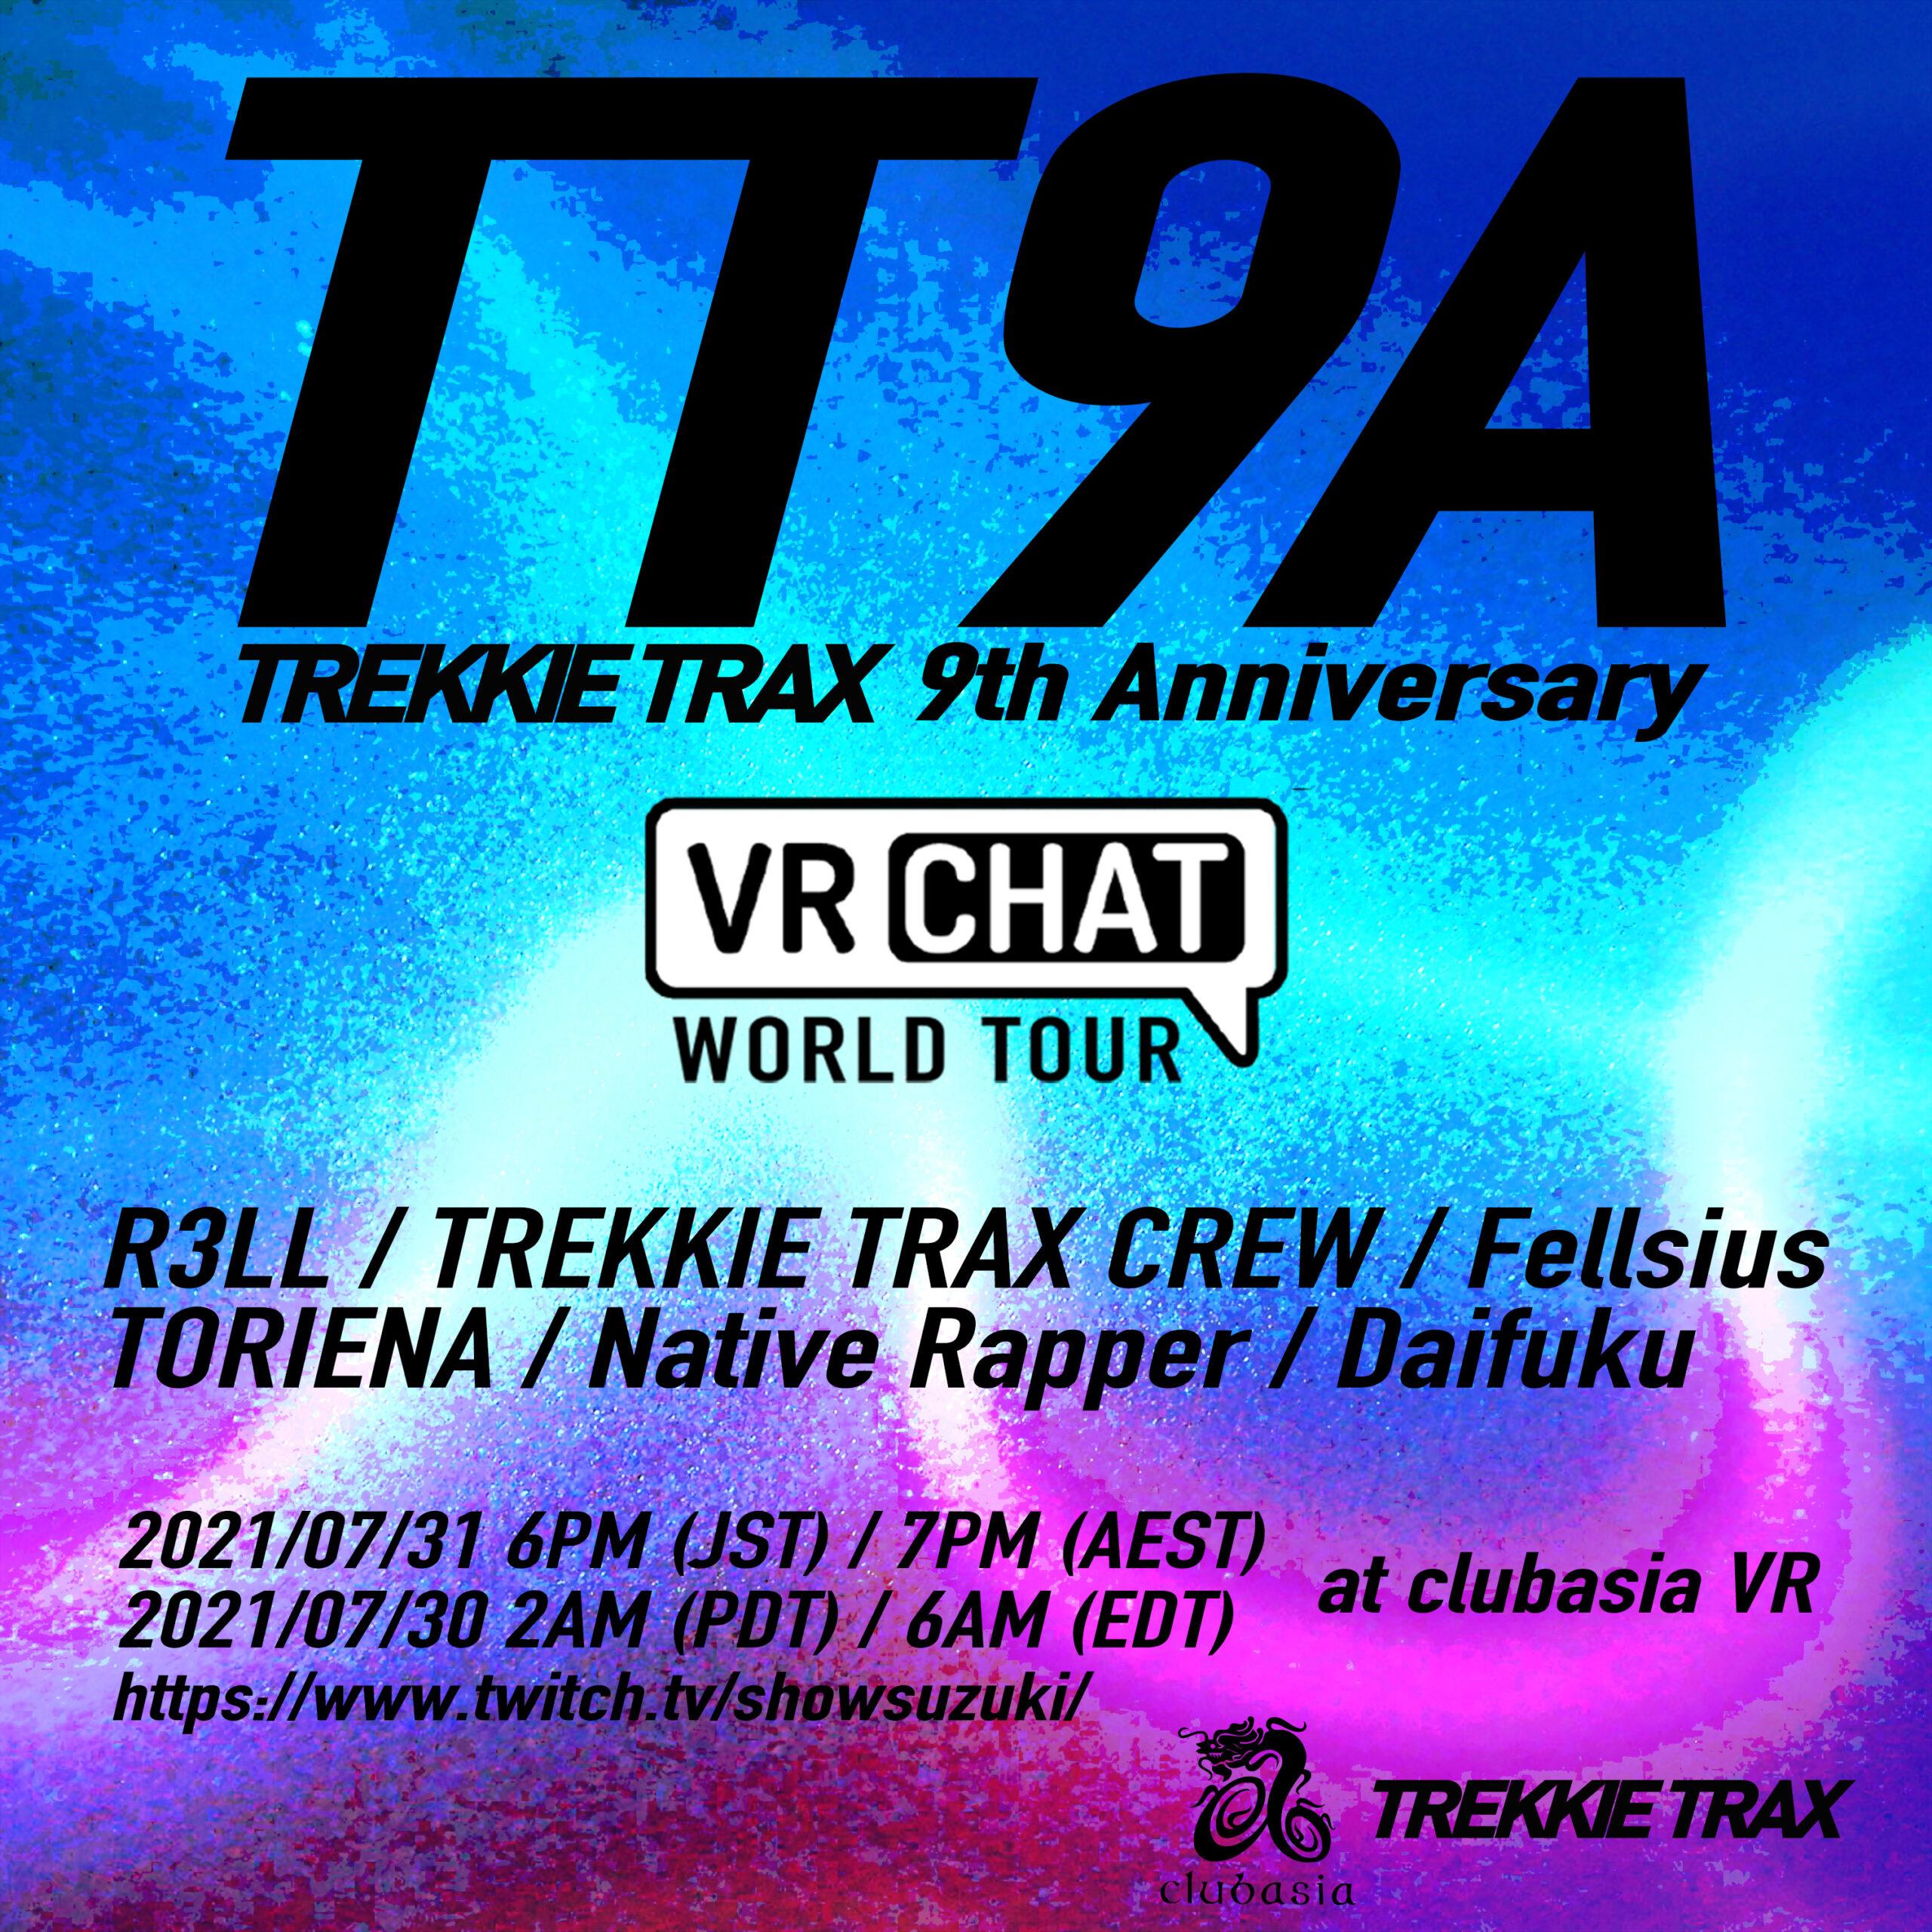 TREKKIE TRAX VR